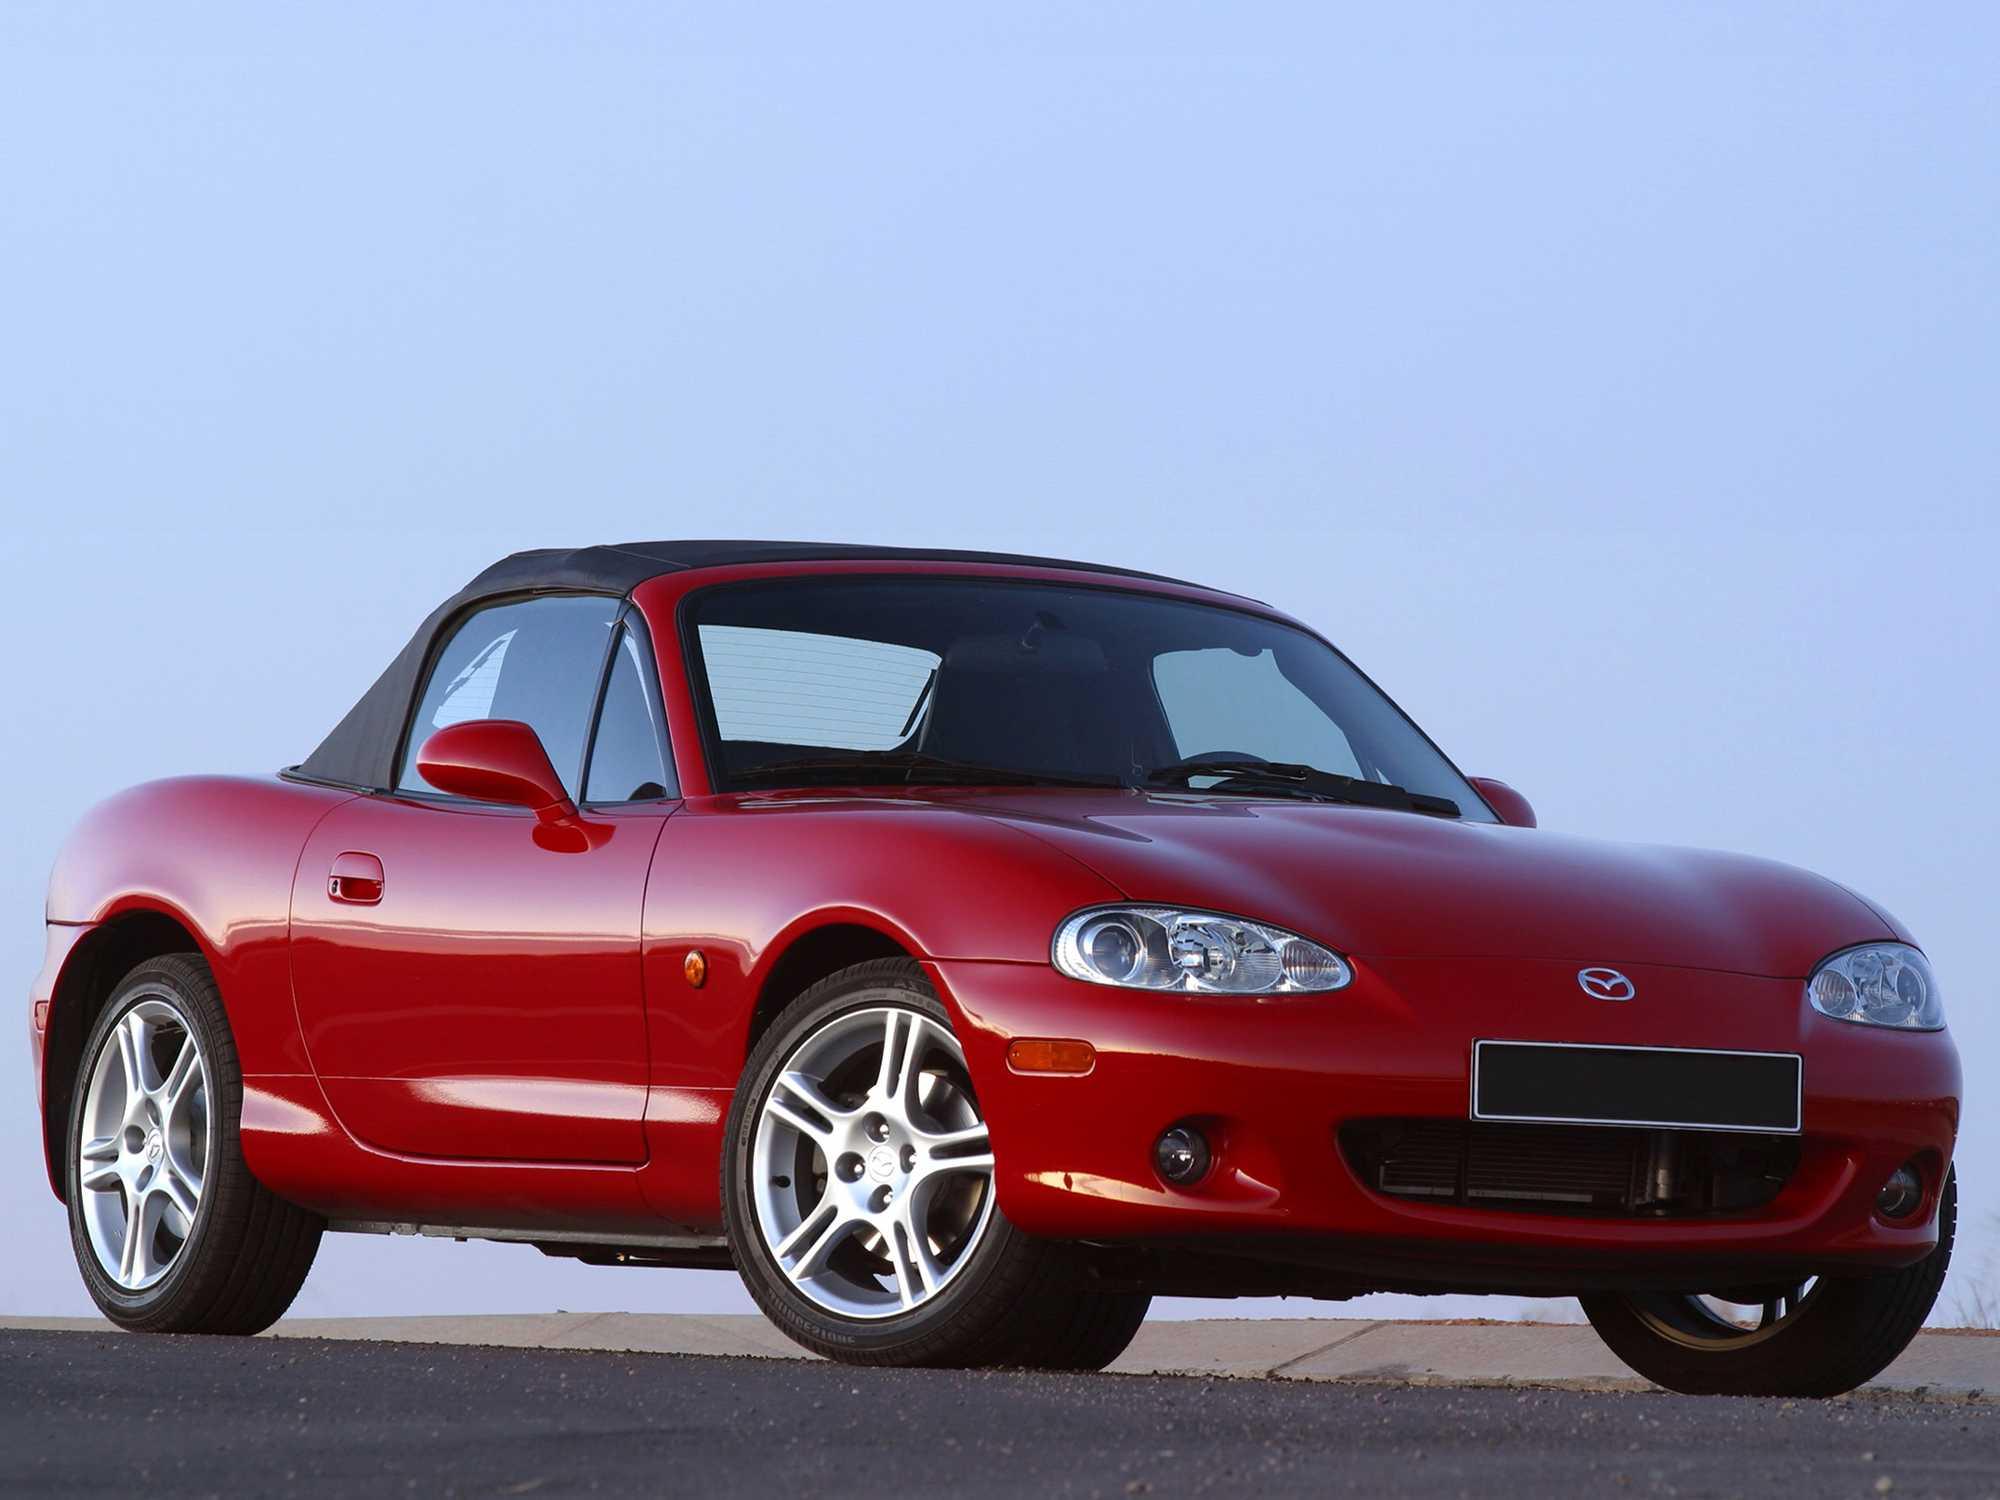 Mazda mx-5 2019-2020 цена, технические характеристики, фото, видео тест-драйв